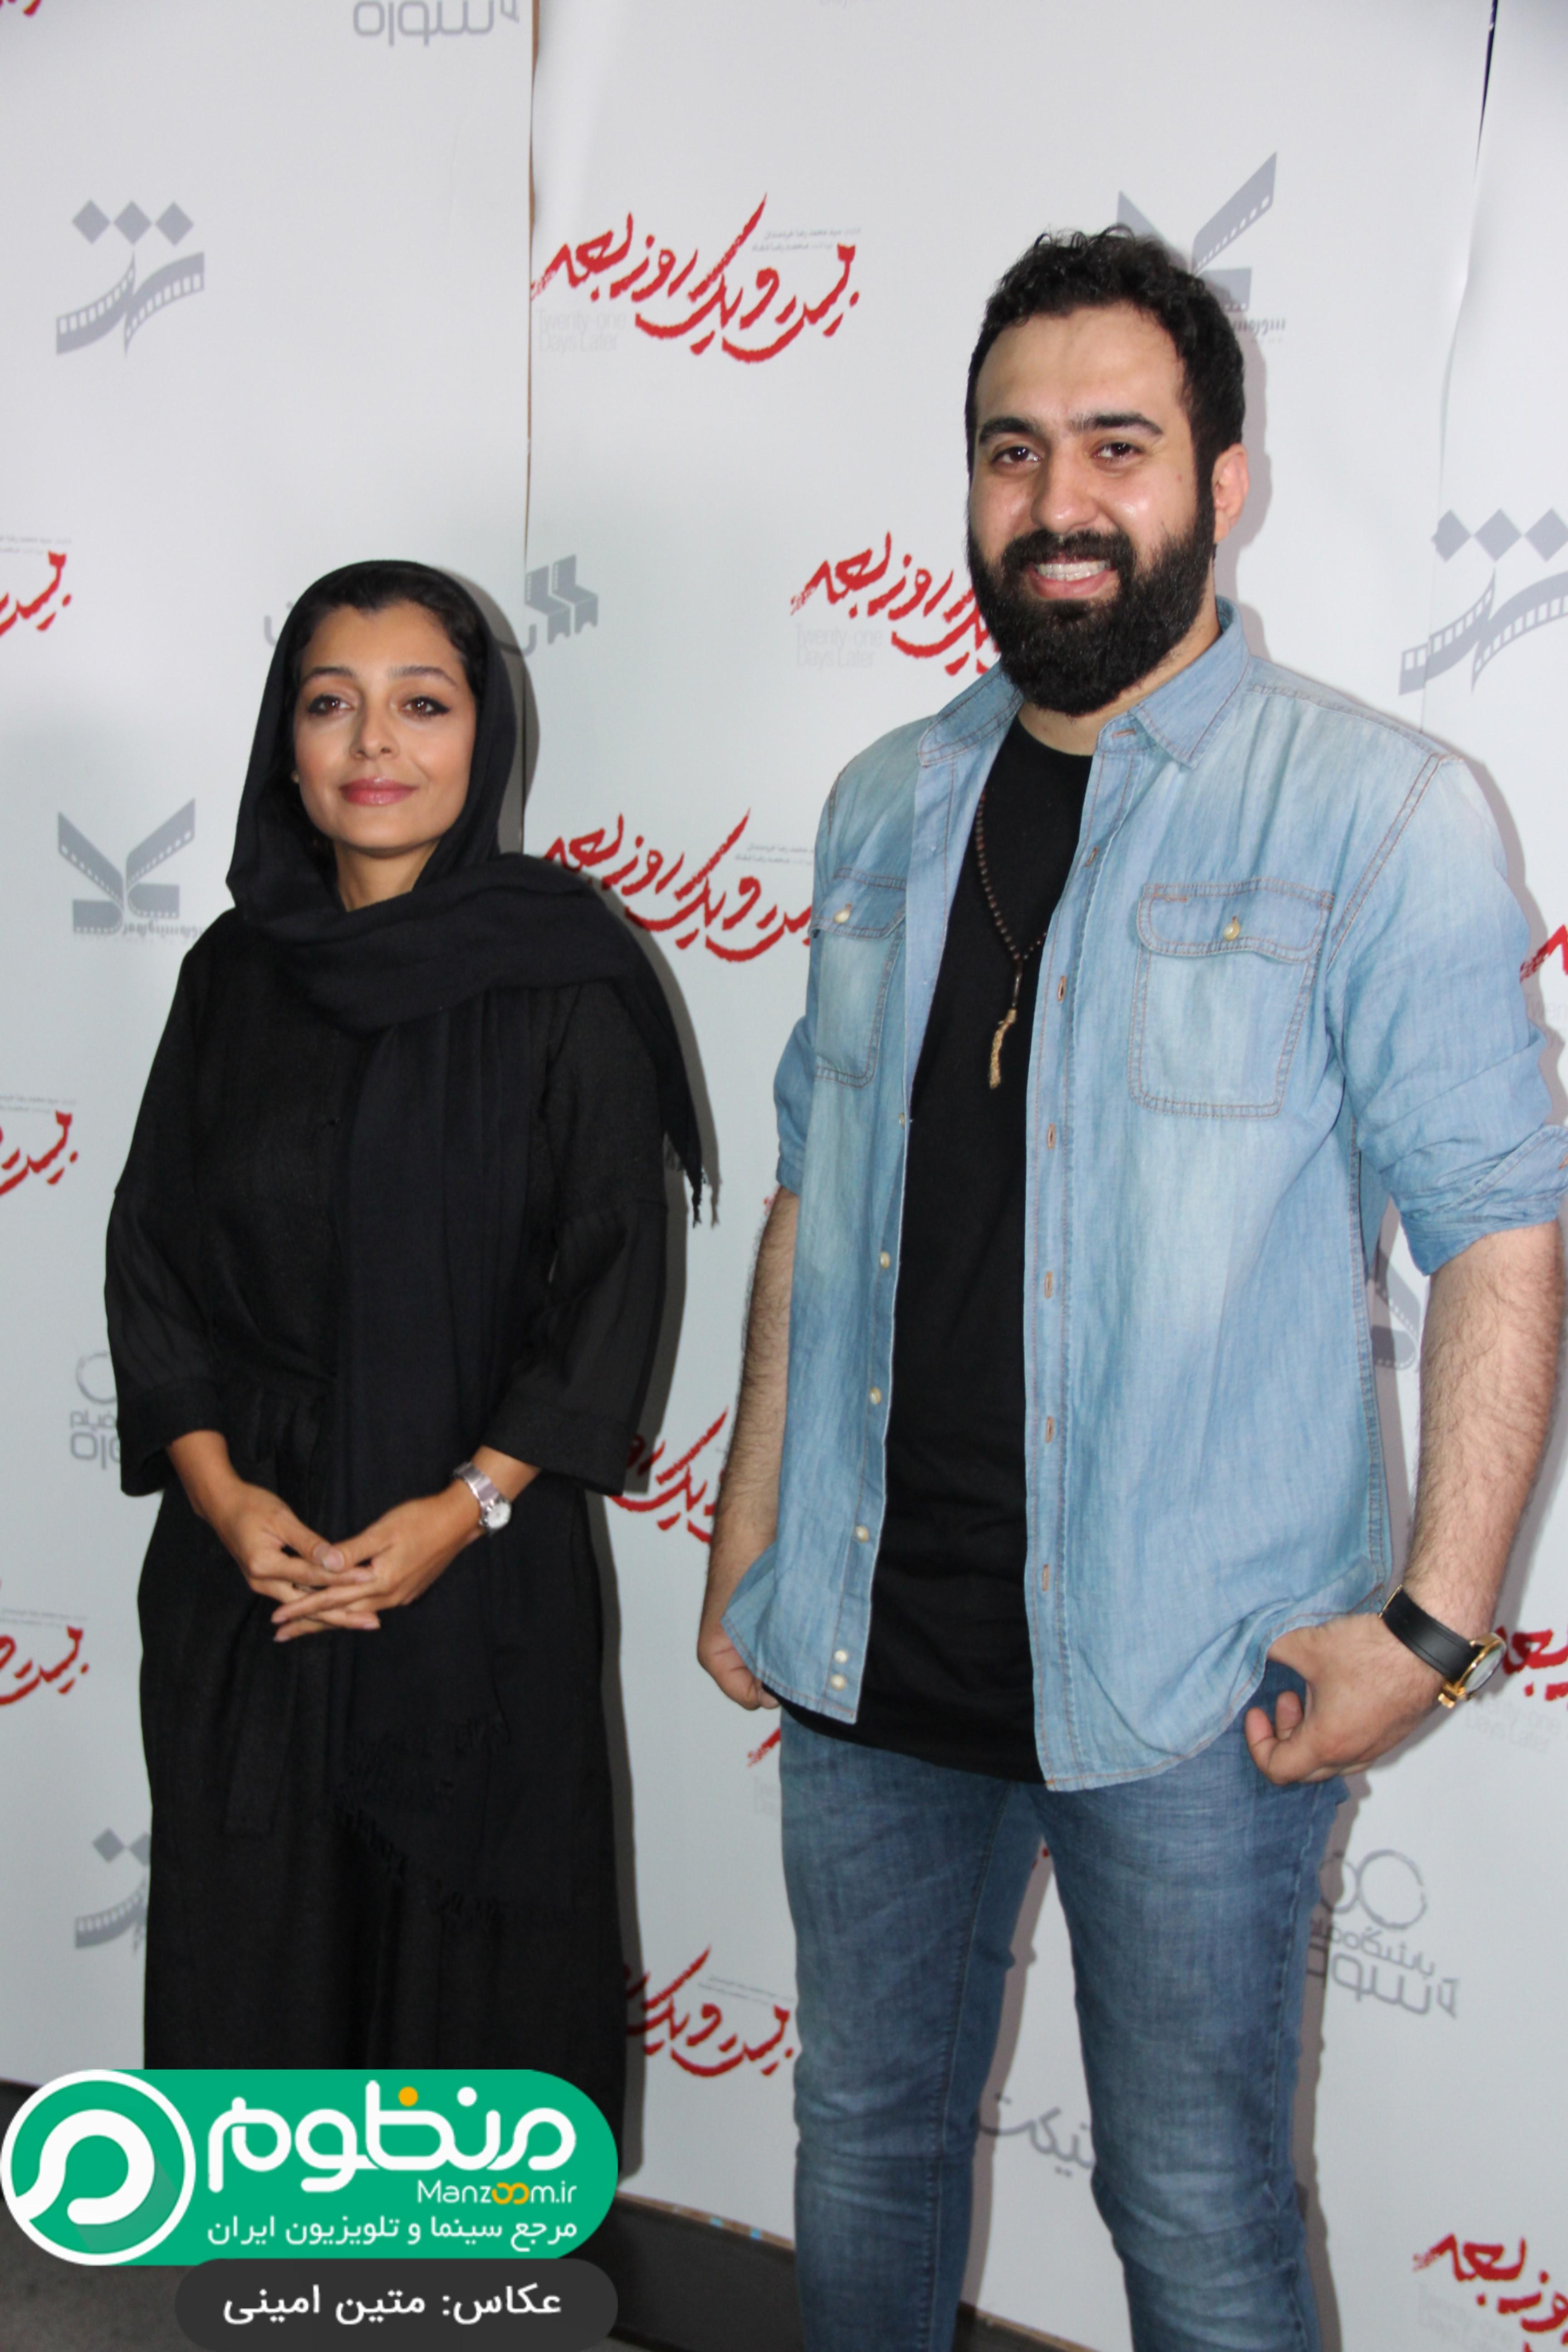 اکران افتتاحیه فیلم سینمایی بیست و یک روز بعد با حضور ساره بیات و مهدی یراحی